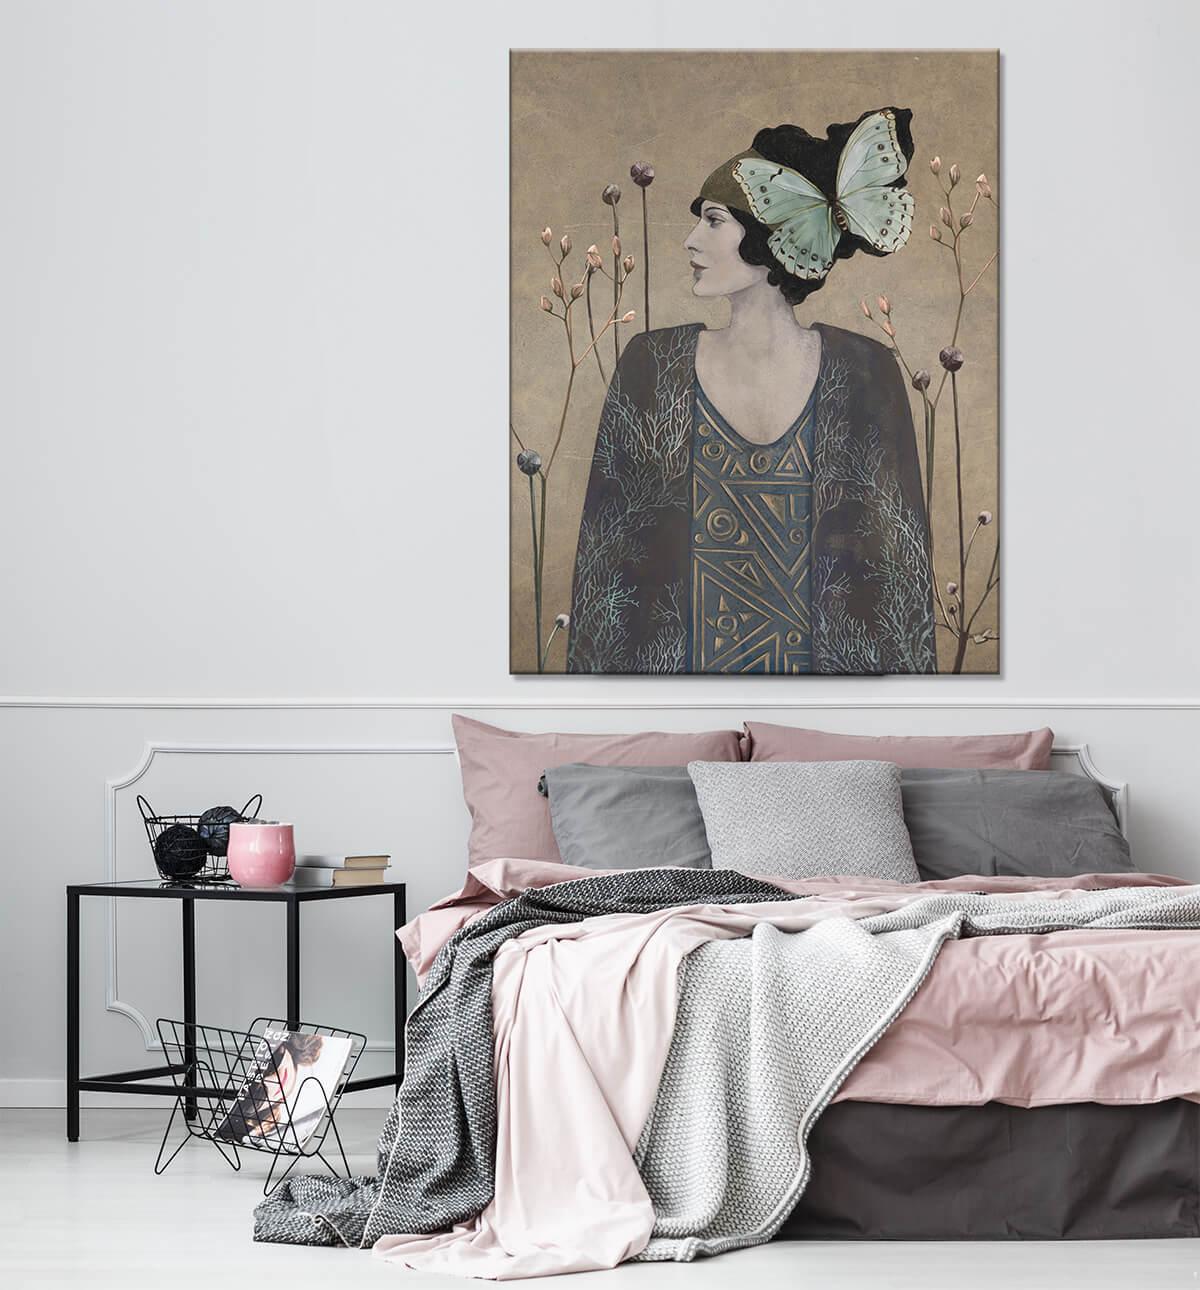 Aranżacja sypialni portret kobiety na płótnie - Secesja